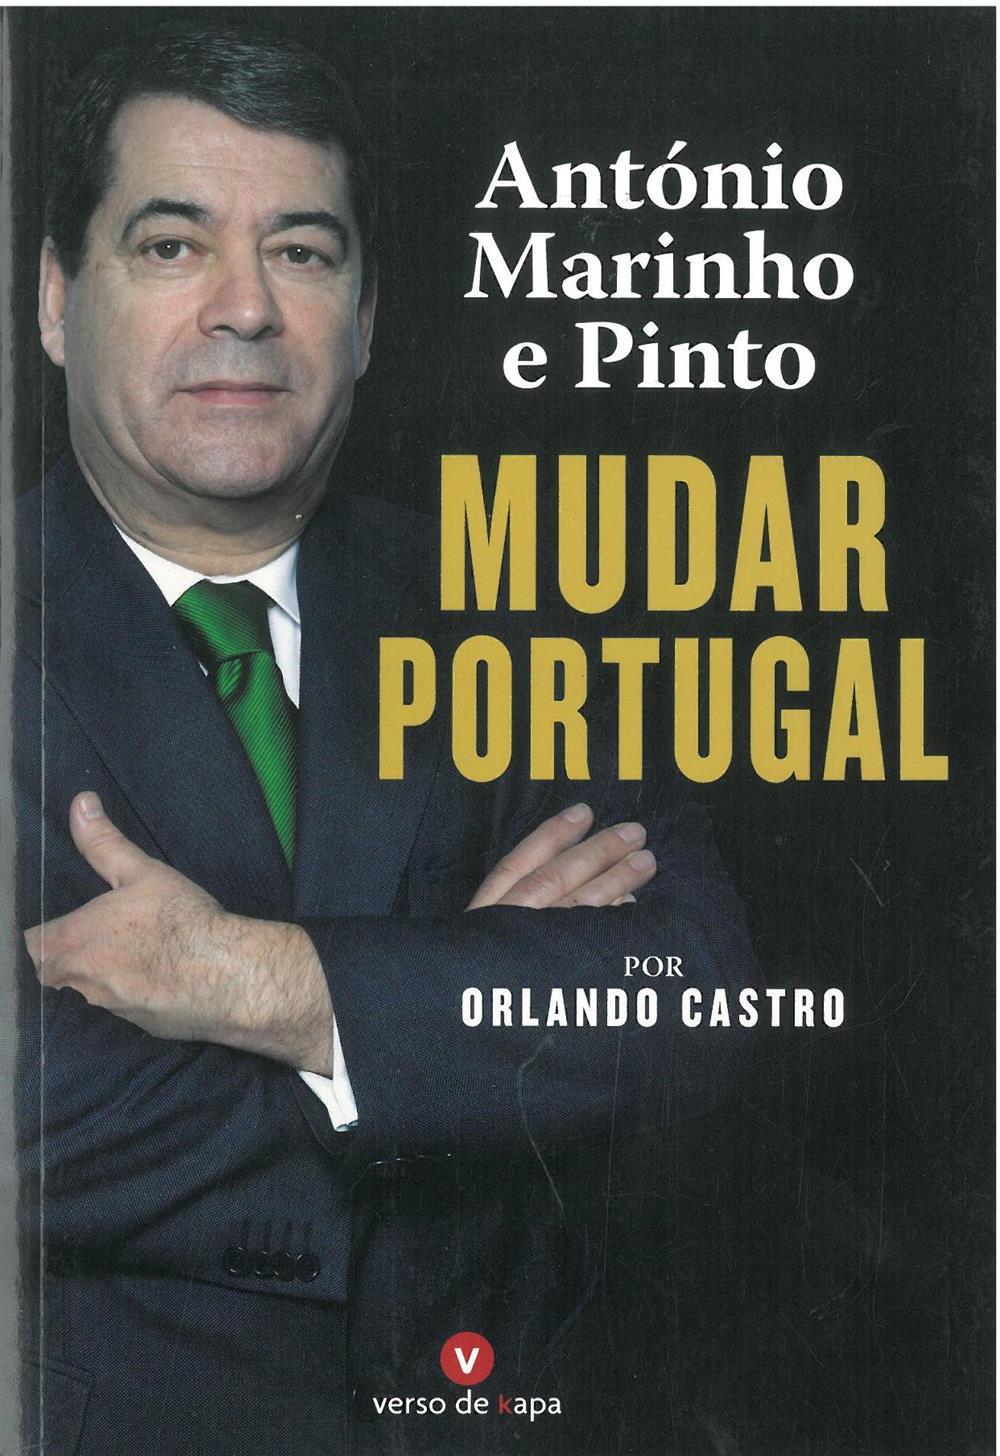 António Marinho e Pinto_mudar Portugal_.jpg